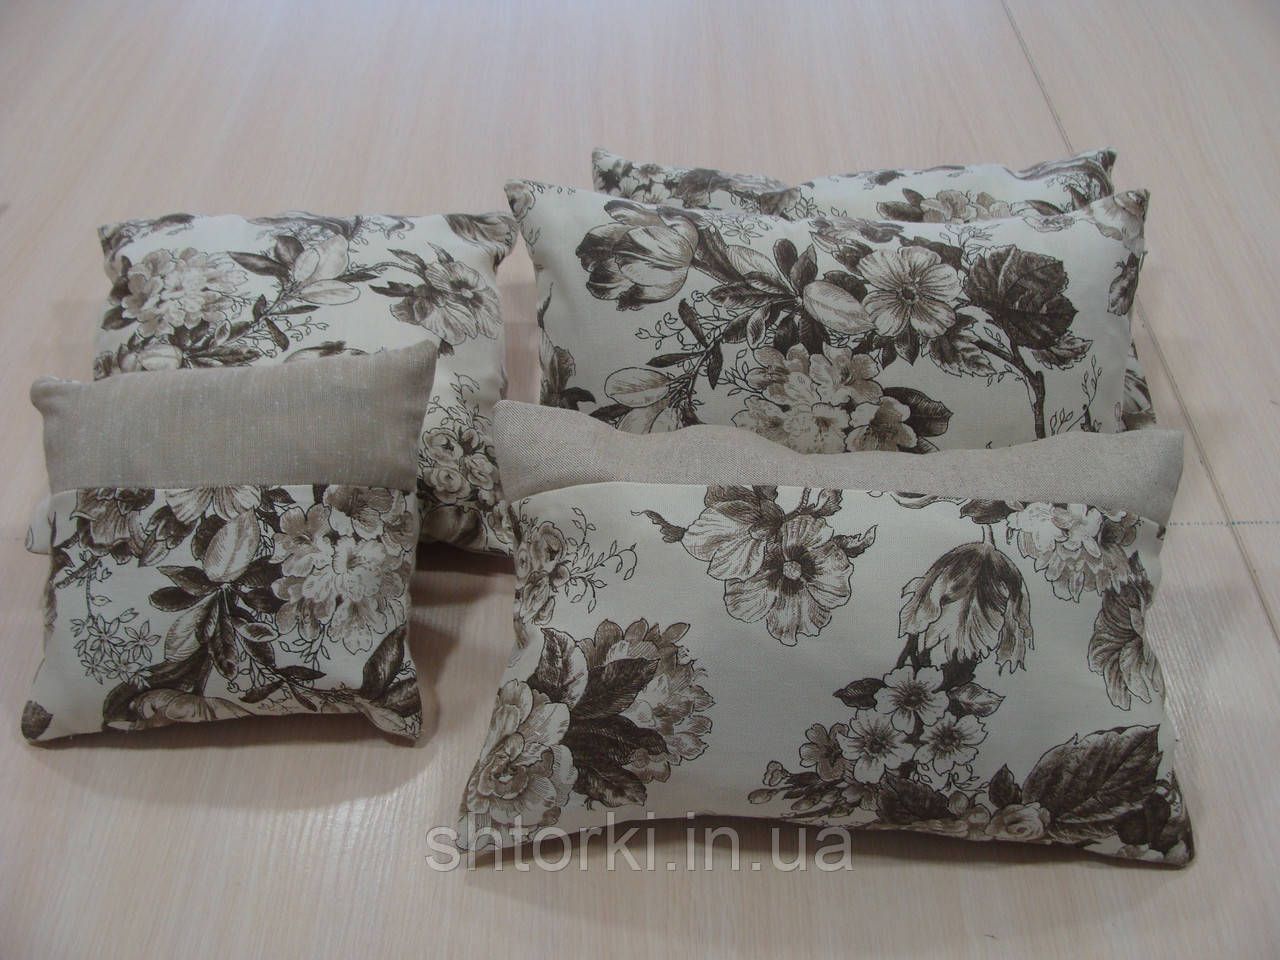 Комплект подушек  Розы беж и коричневые, 5шт